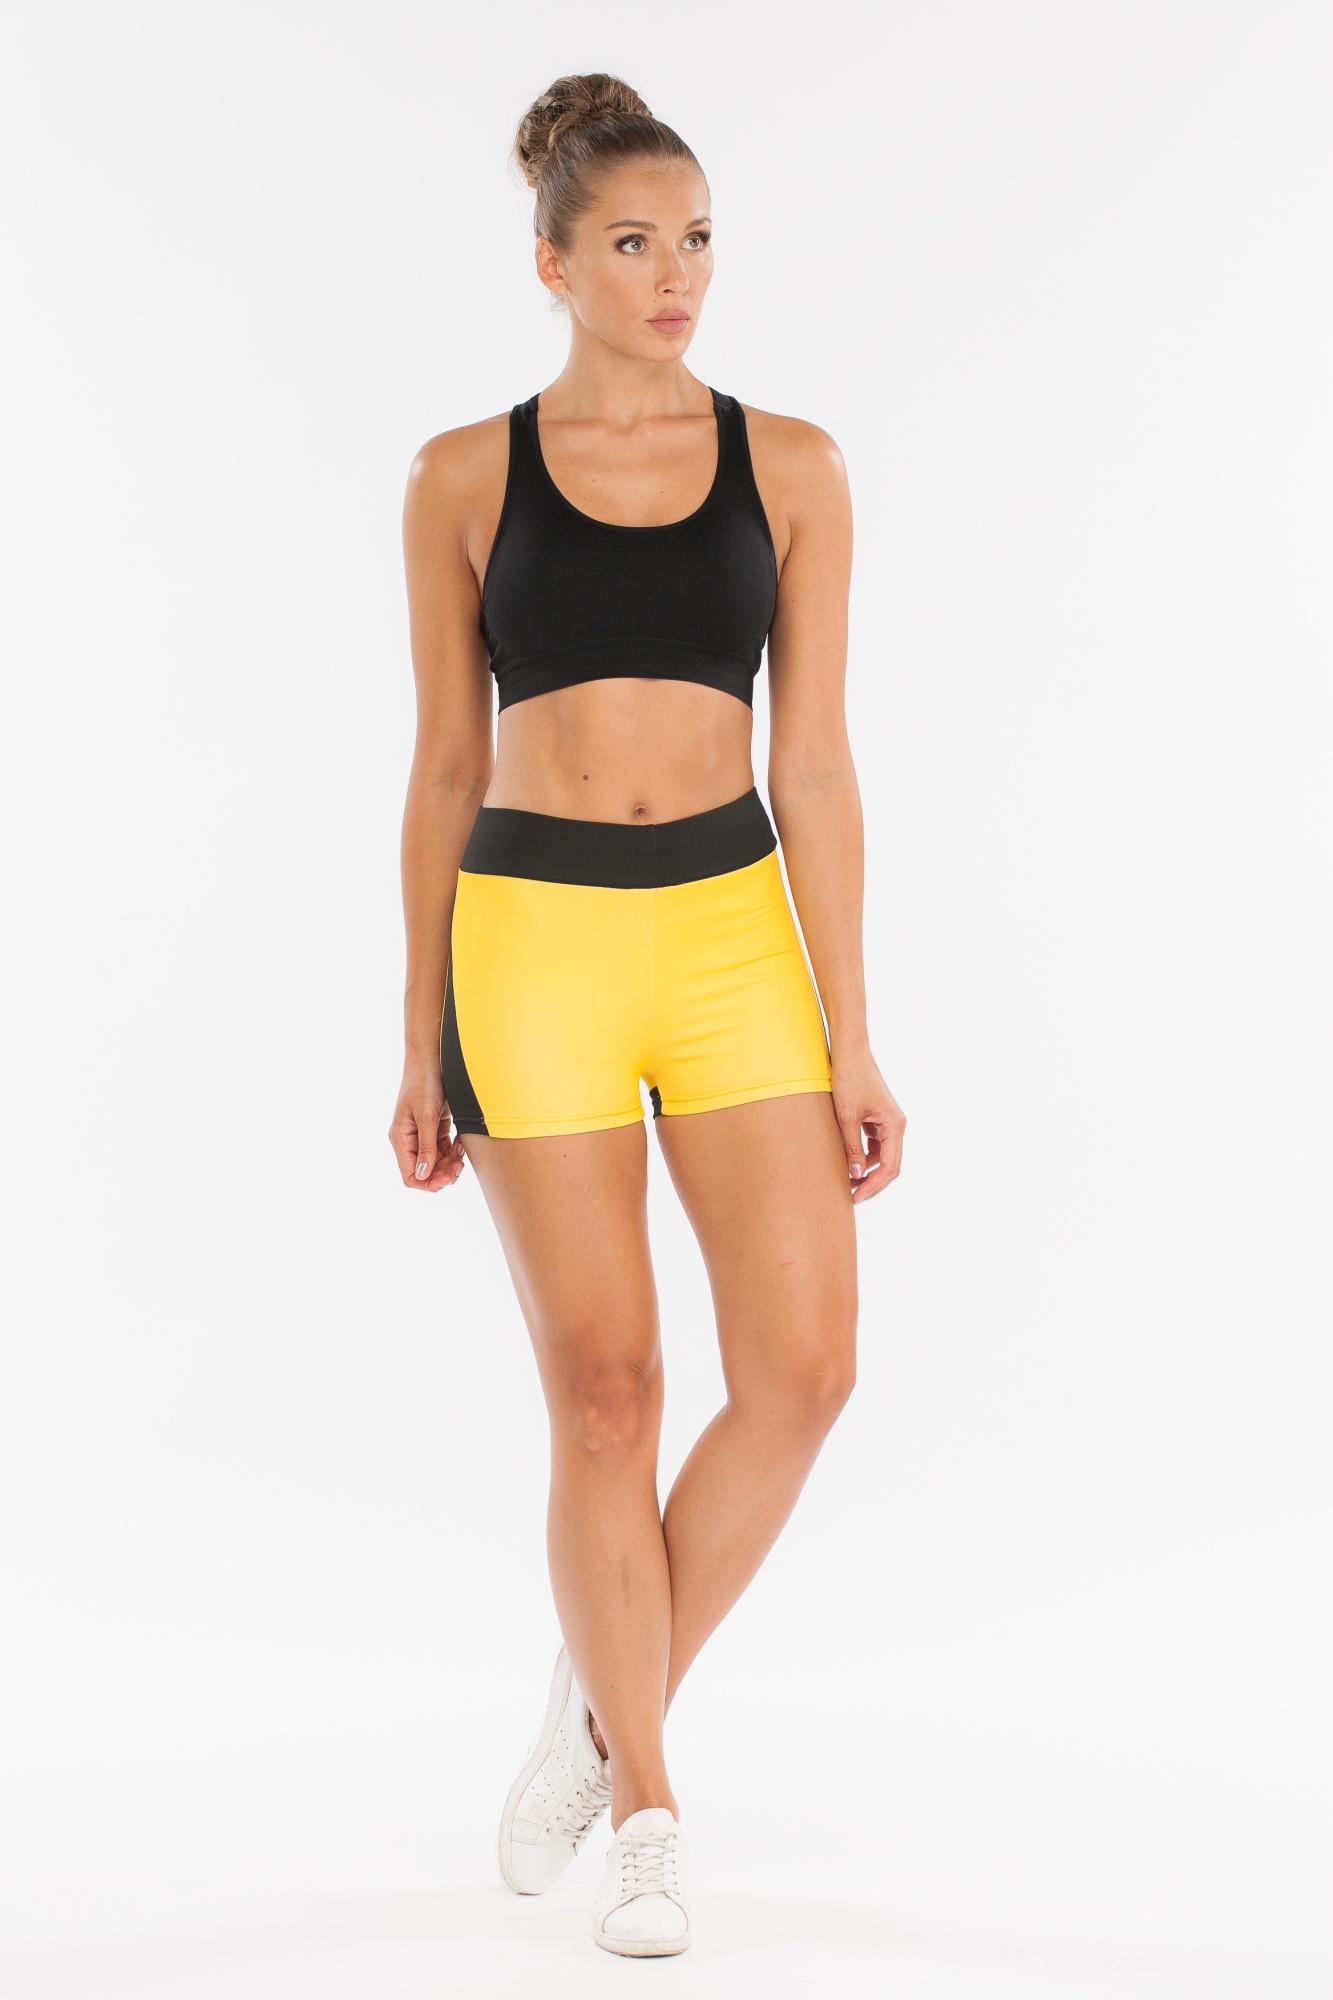 Шорты MORERA, желтый 44/46-165 размер95030 BLACK/YELLOW (M)Шорты спортивные для фитнеса, йоги, бега и других разных видов спорта.